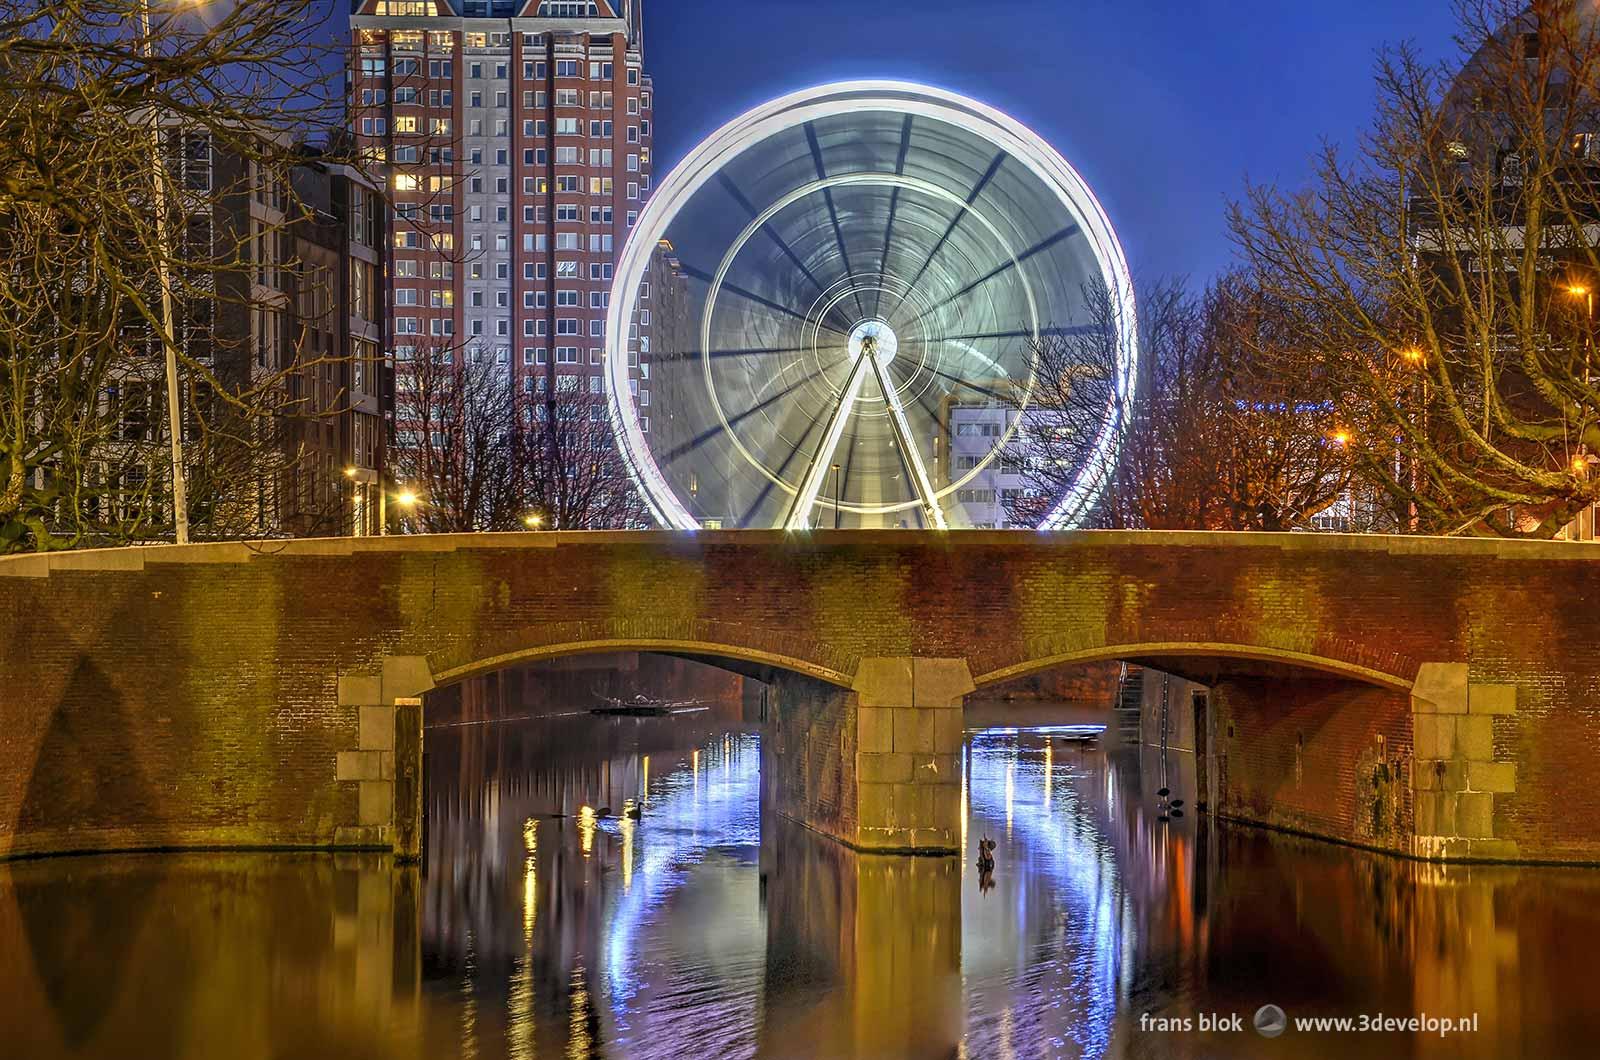 Reuzenrad The View in Rotterdam, spiegelend in de Steigergracht, met op de voorgrond de brug in de Keizerstraat